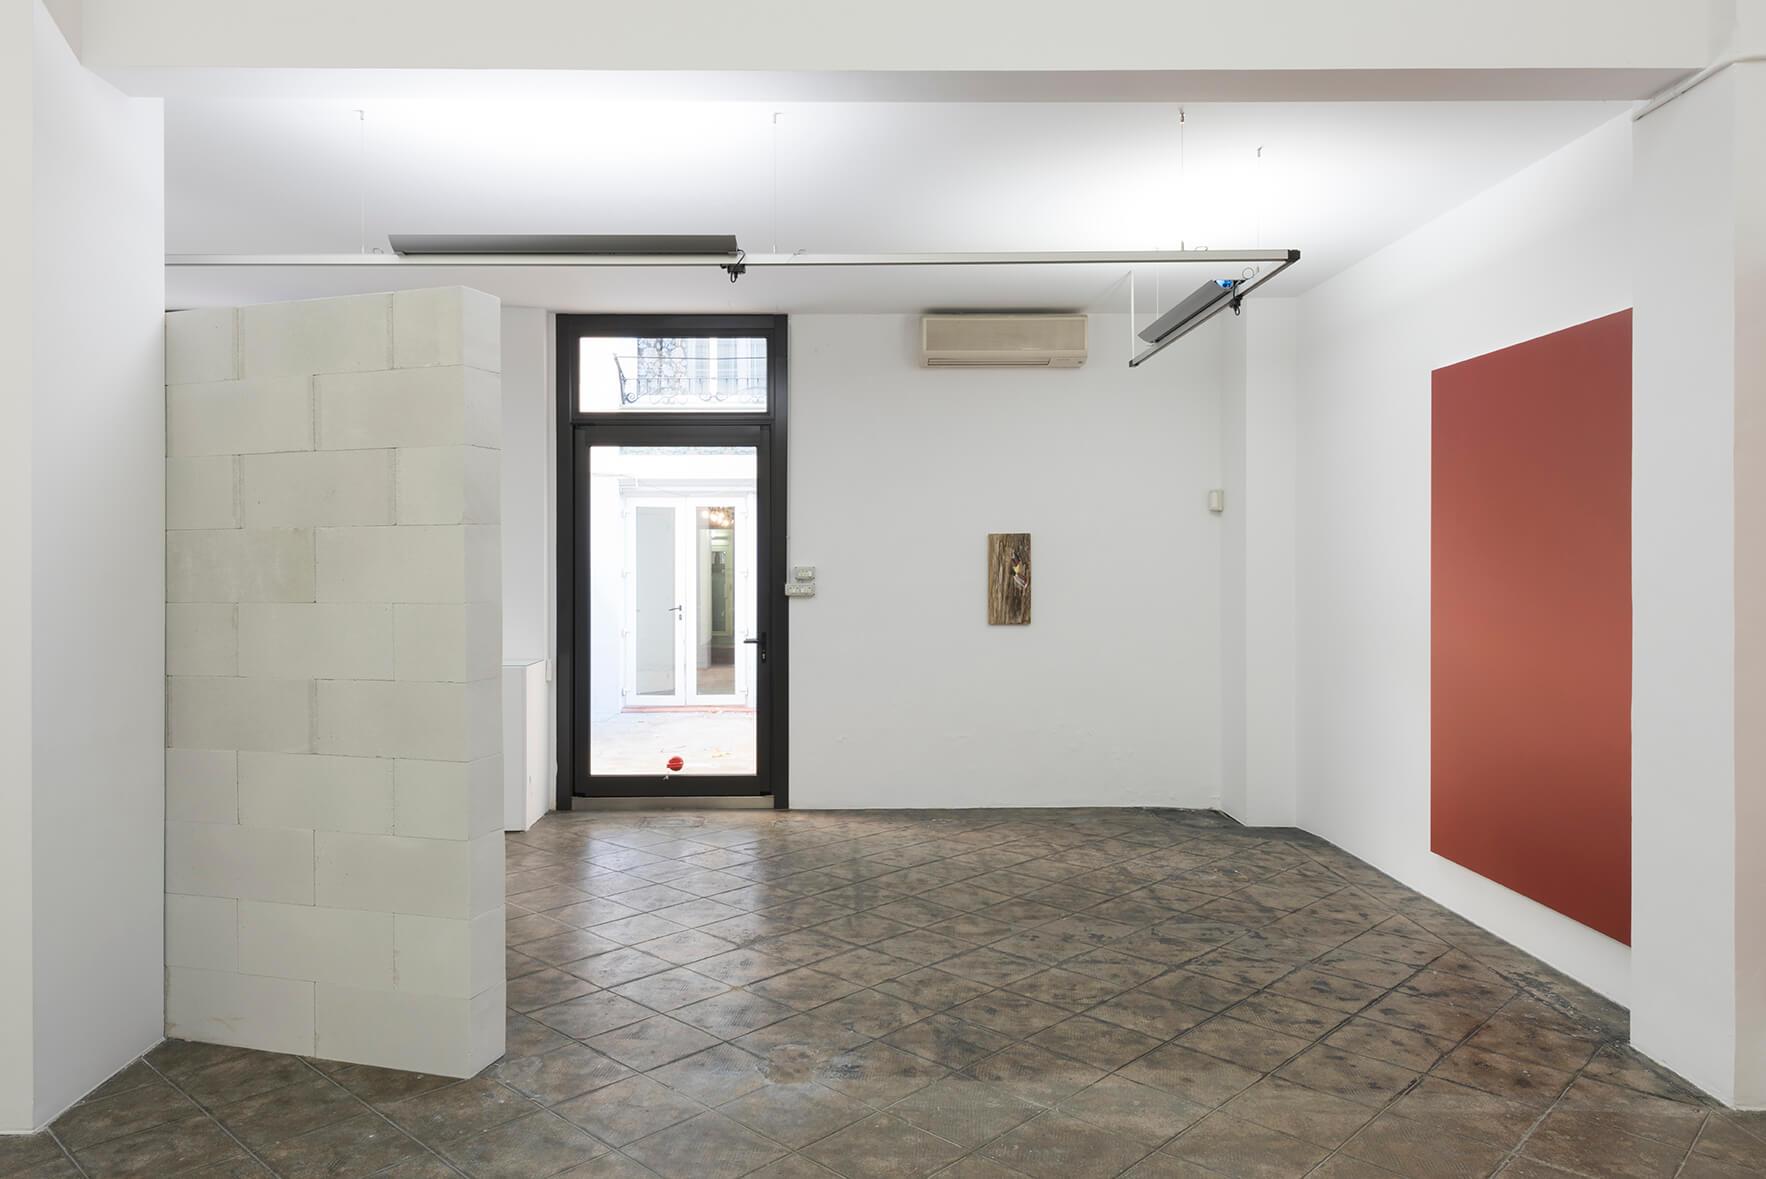 Installation view: Pieter Vermeersch, ProjecteSD | Pieter Vermeersch | ProjecteSD